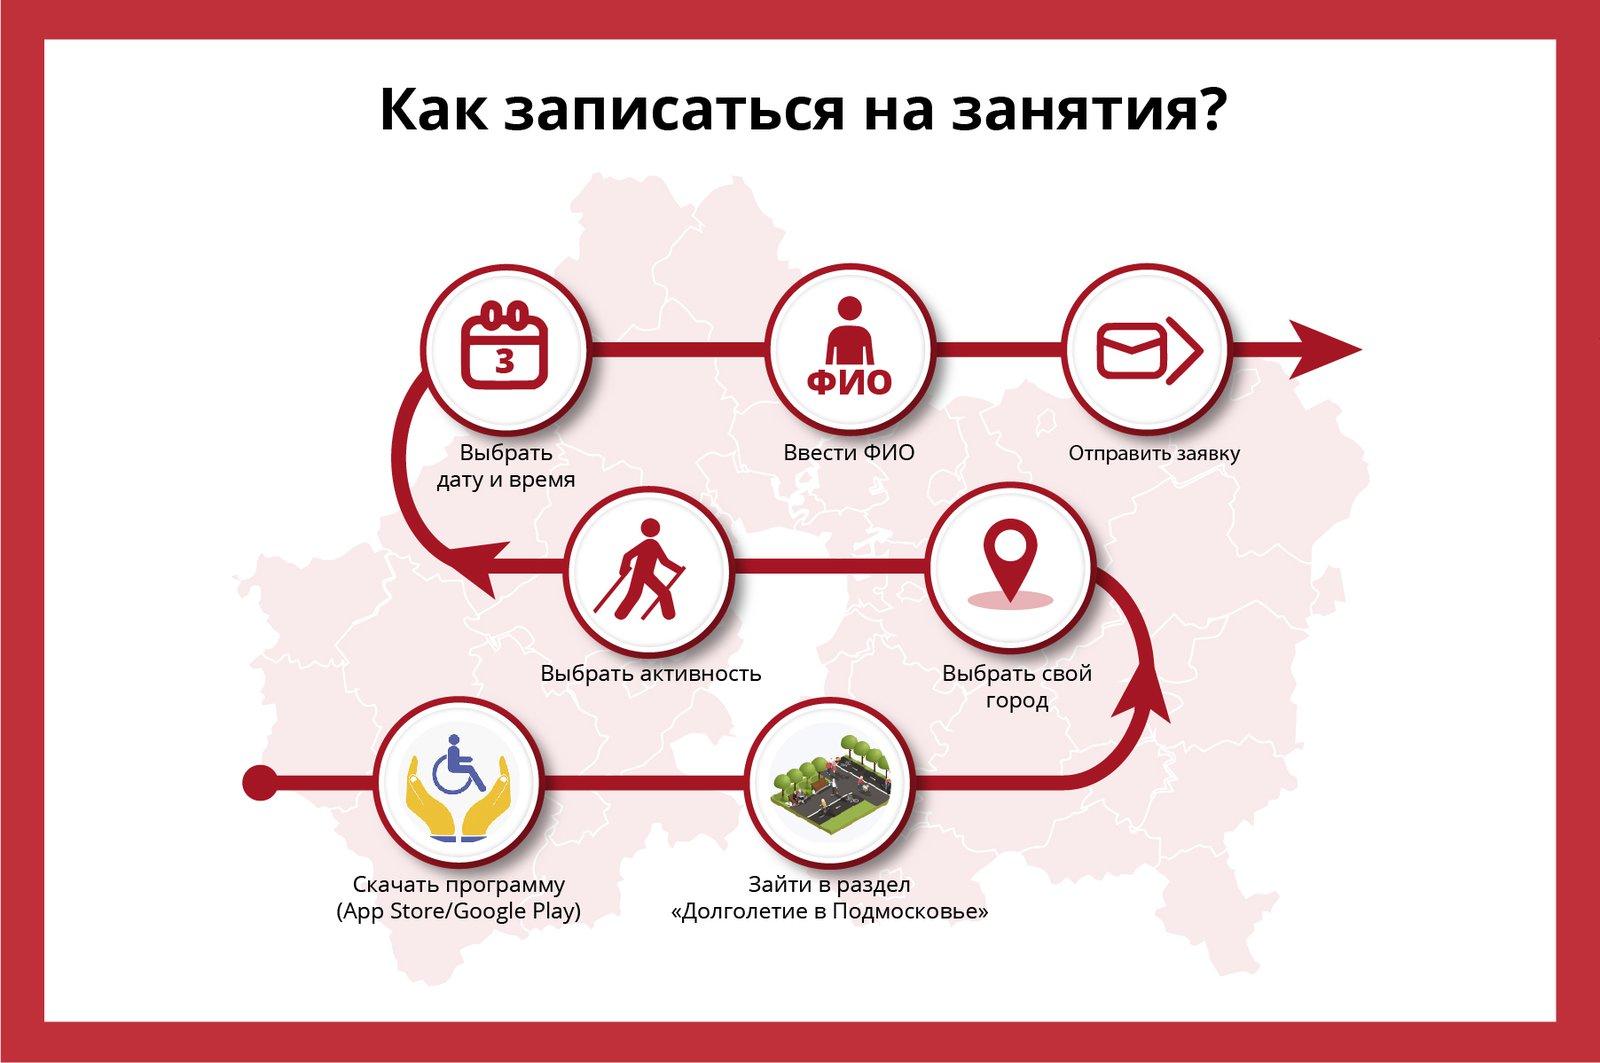 Андрей Воробьев губернатор московской области - Особая забота и внимание: как в Подмосковье облегчают жизнь пенсионерам